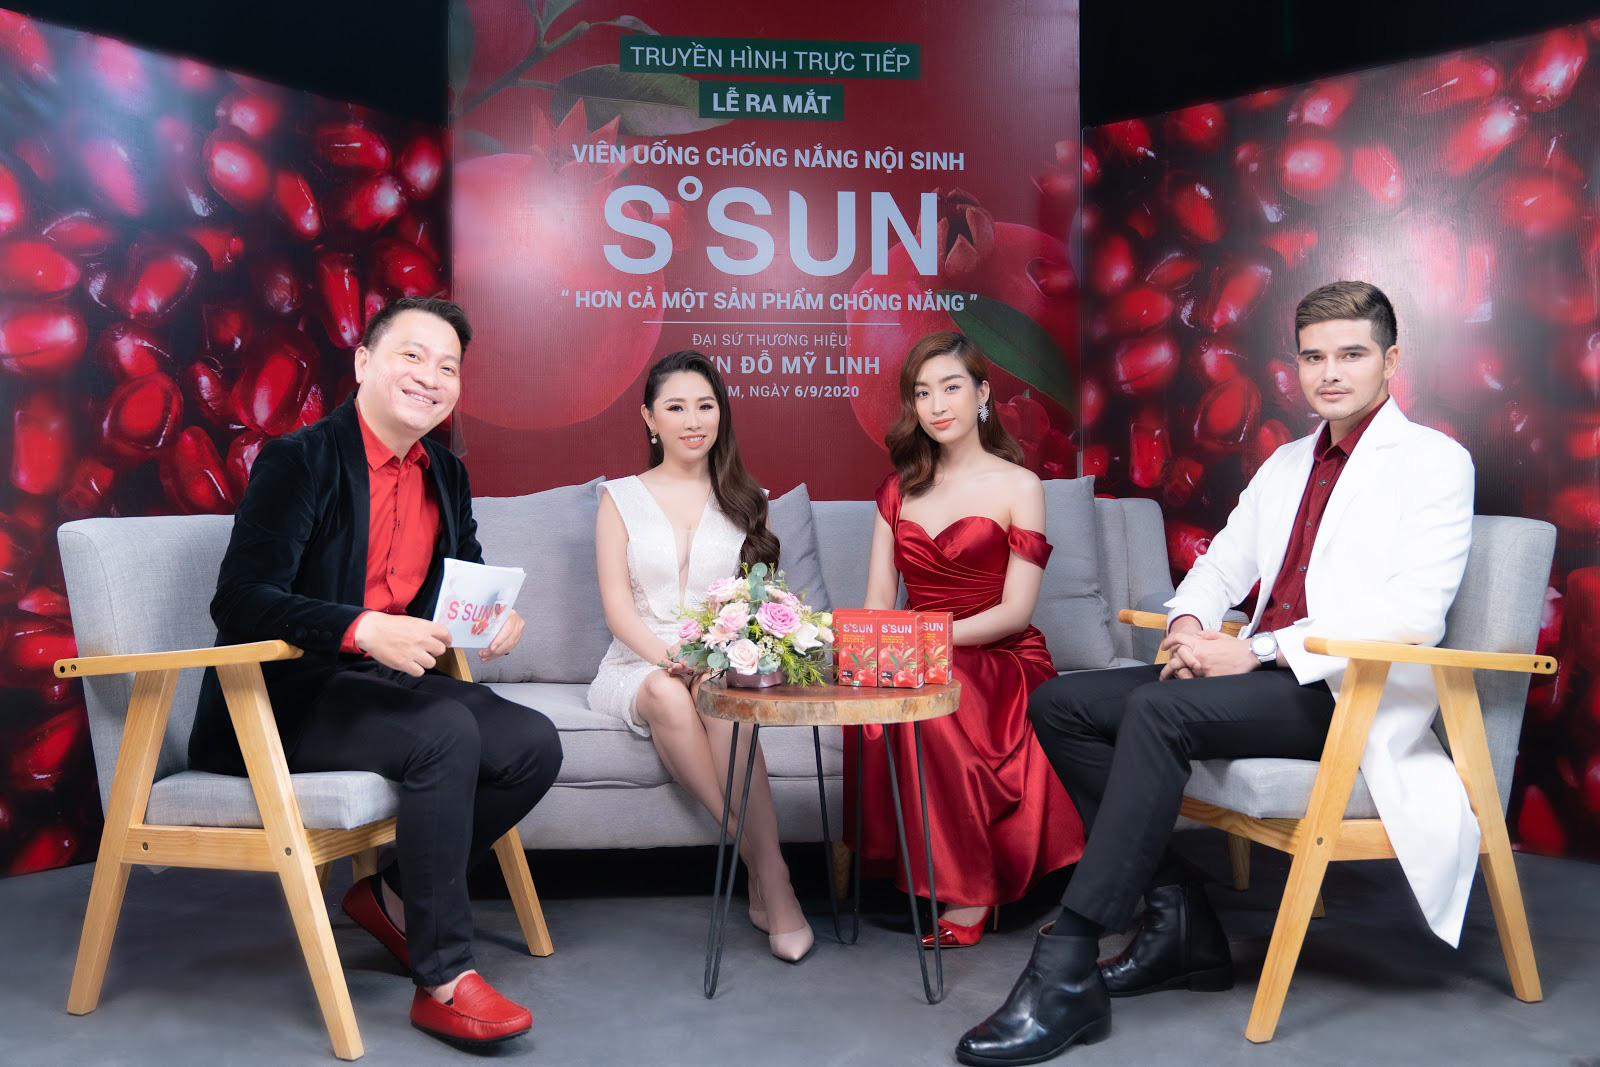 Hoa hậu Đỗ Mỹ Linh livestream chia sẻ bí quyết chăm sóc da từ TPBVSK S'SUN - Ảnh 1.